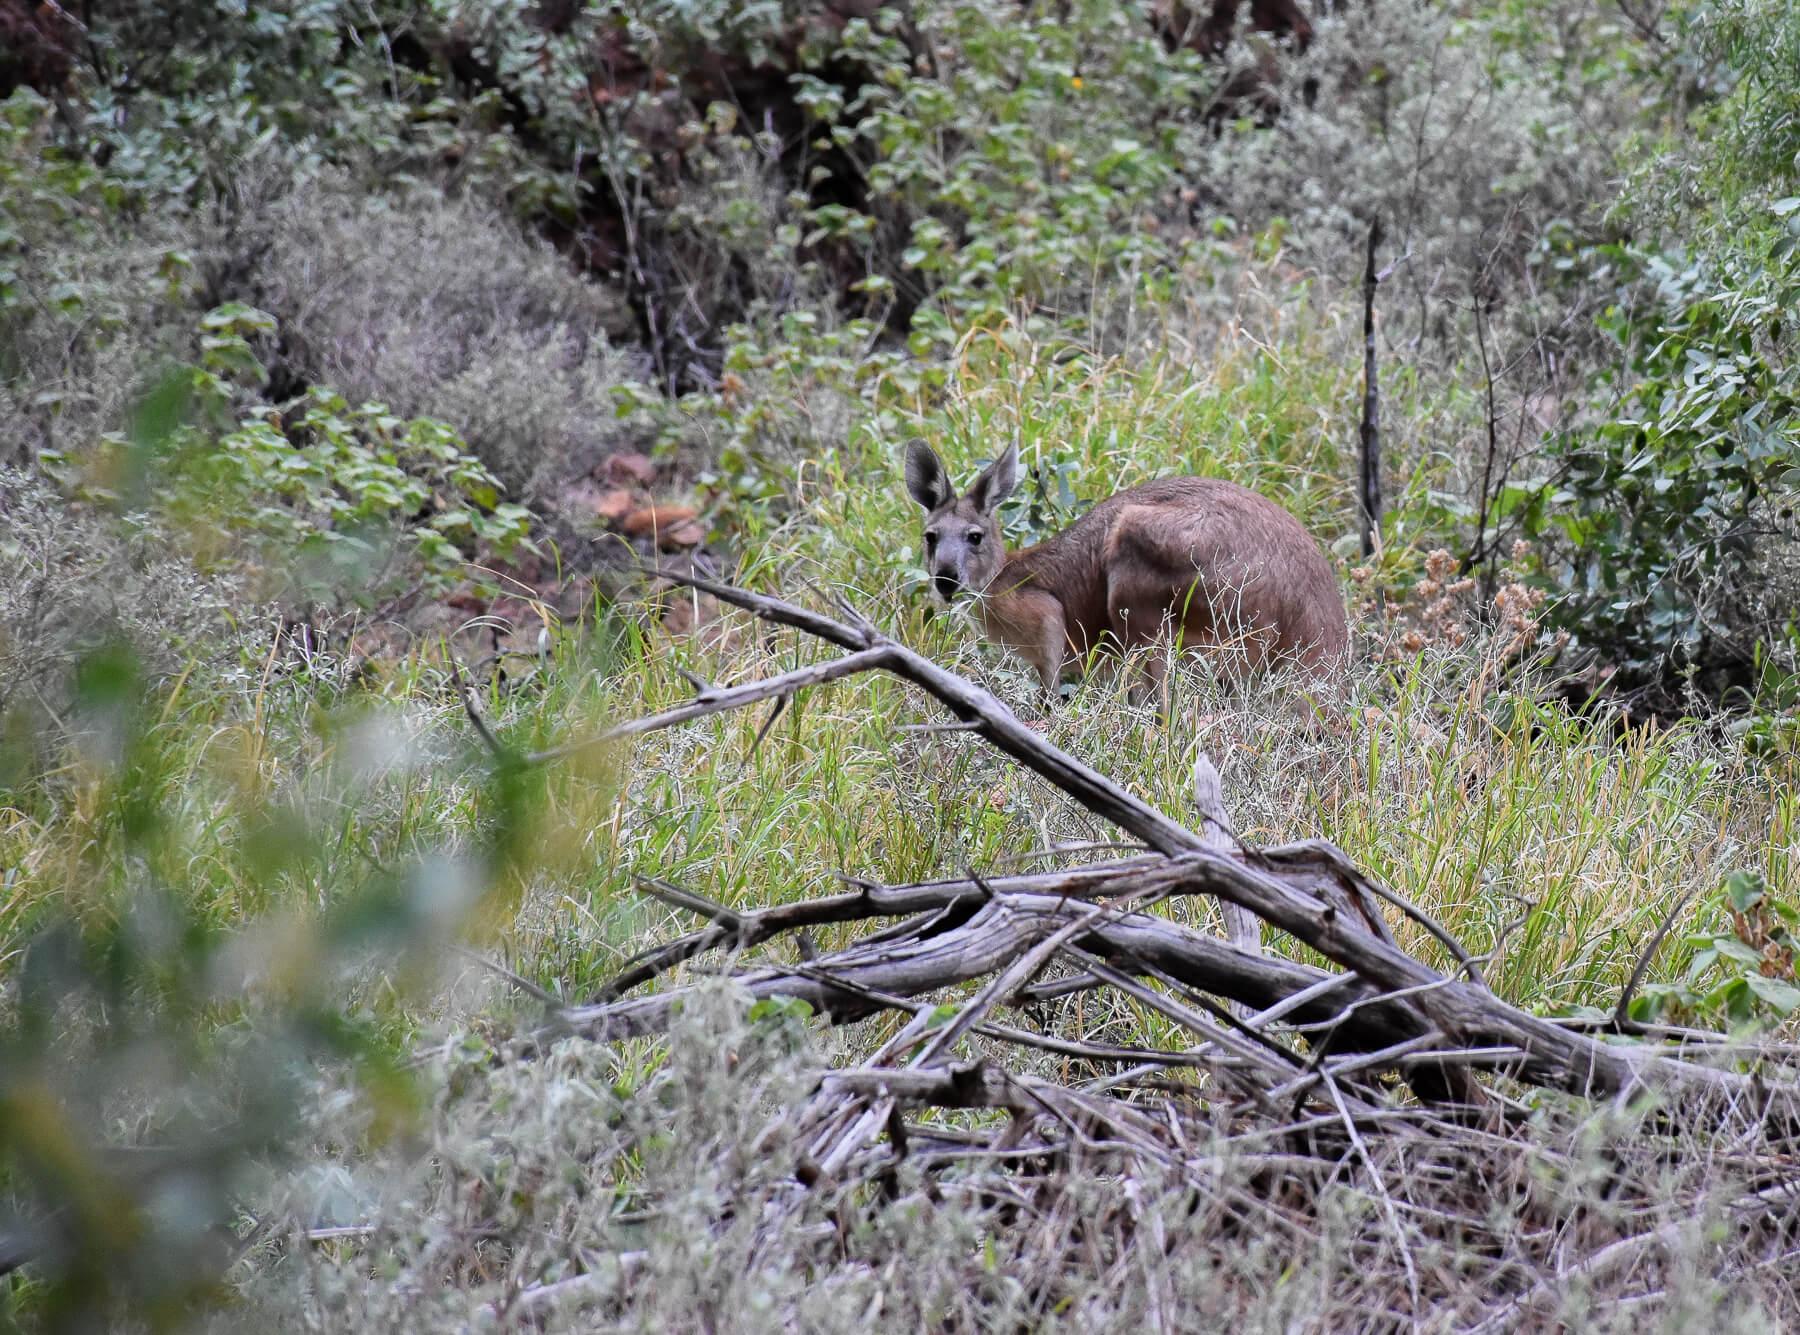 Walaroo (small kangaroo) looking at camera while eating grass